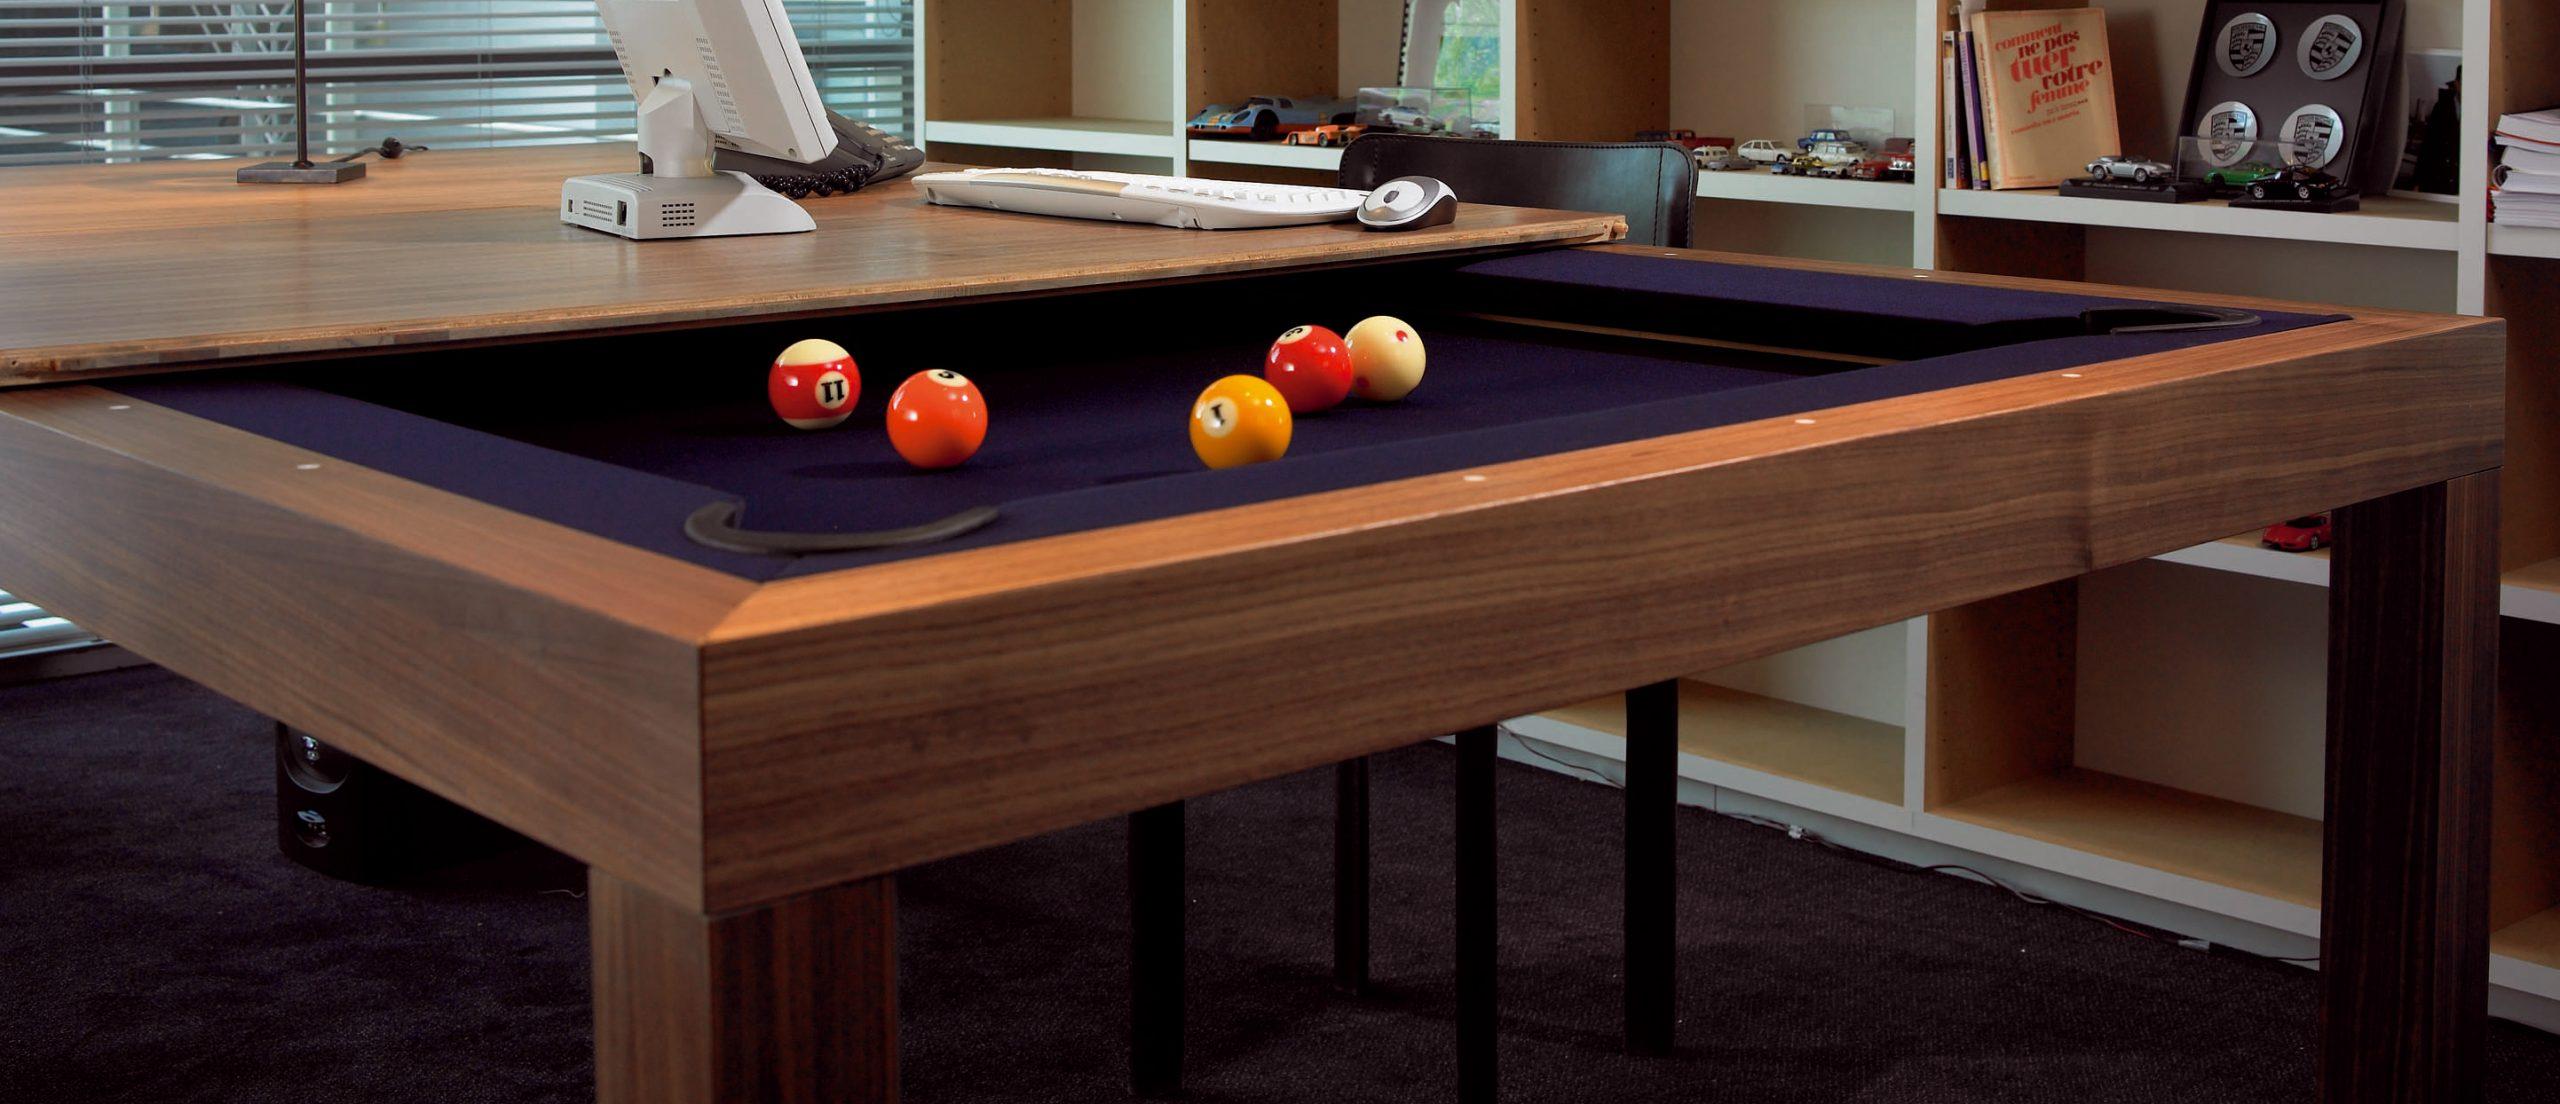 Biliardo pool Fusion legno